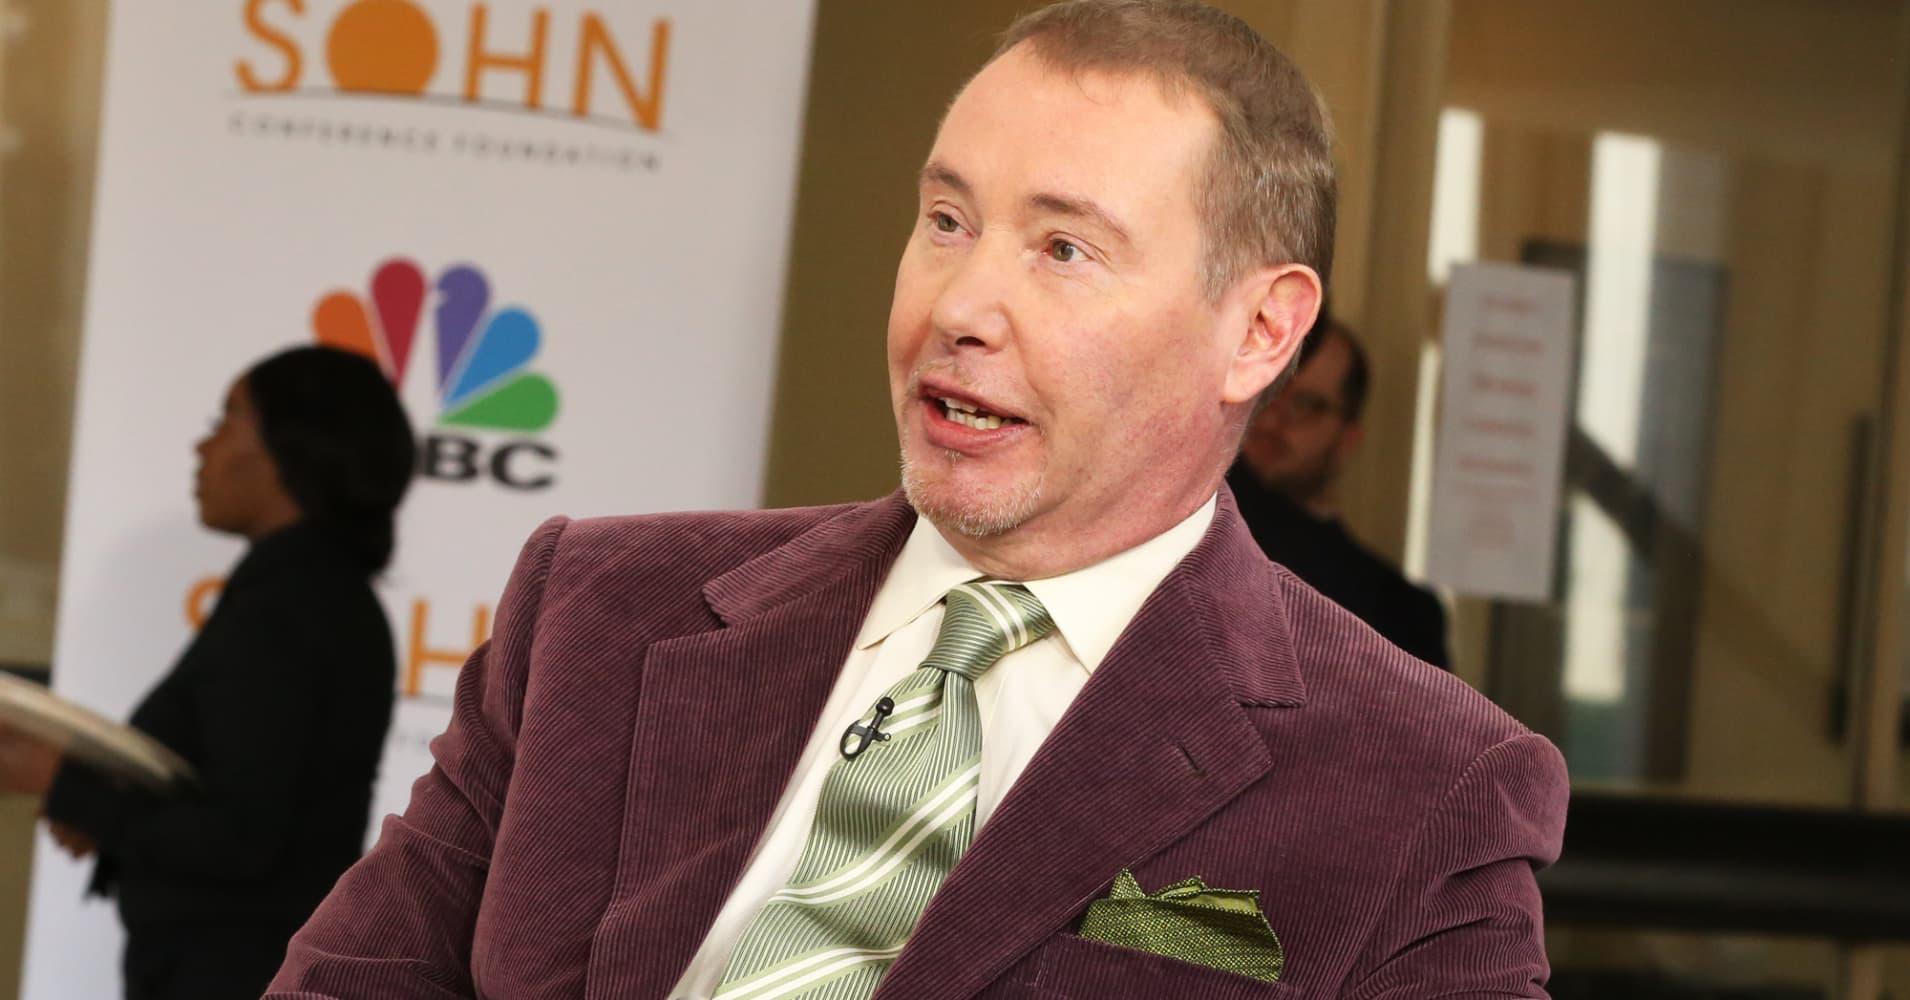 Gundlach's warning on 'ocean of debt' adds to worries over corporate bonds